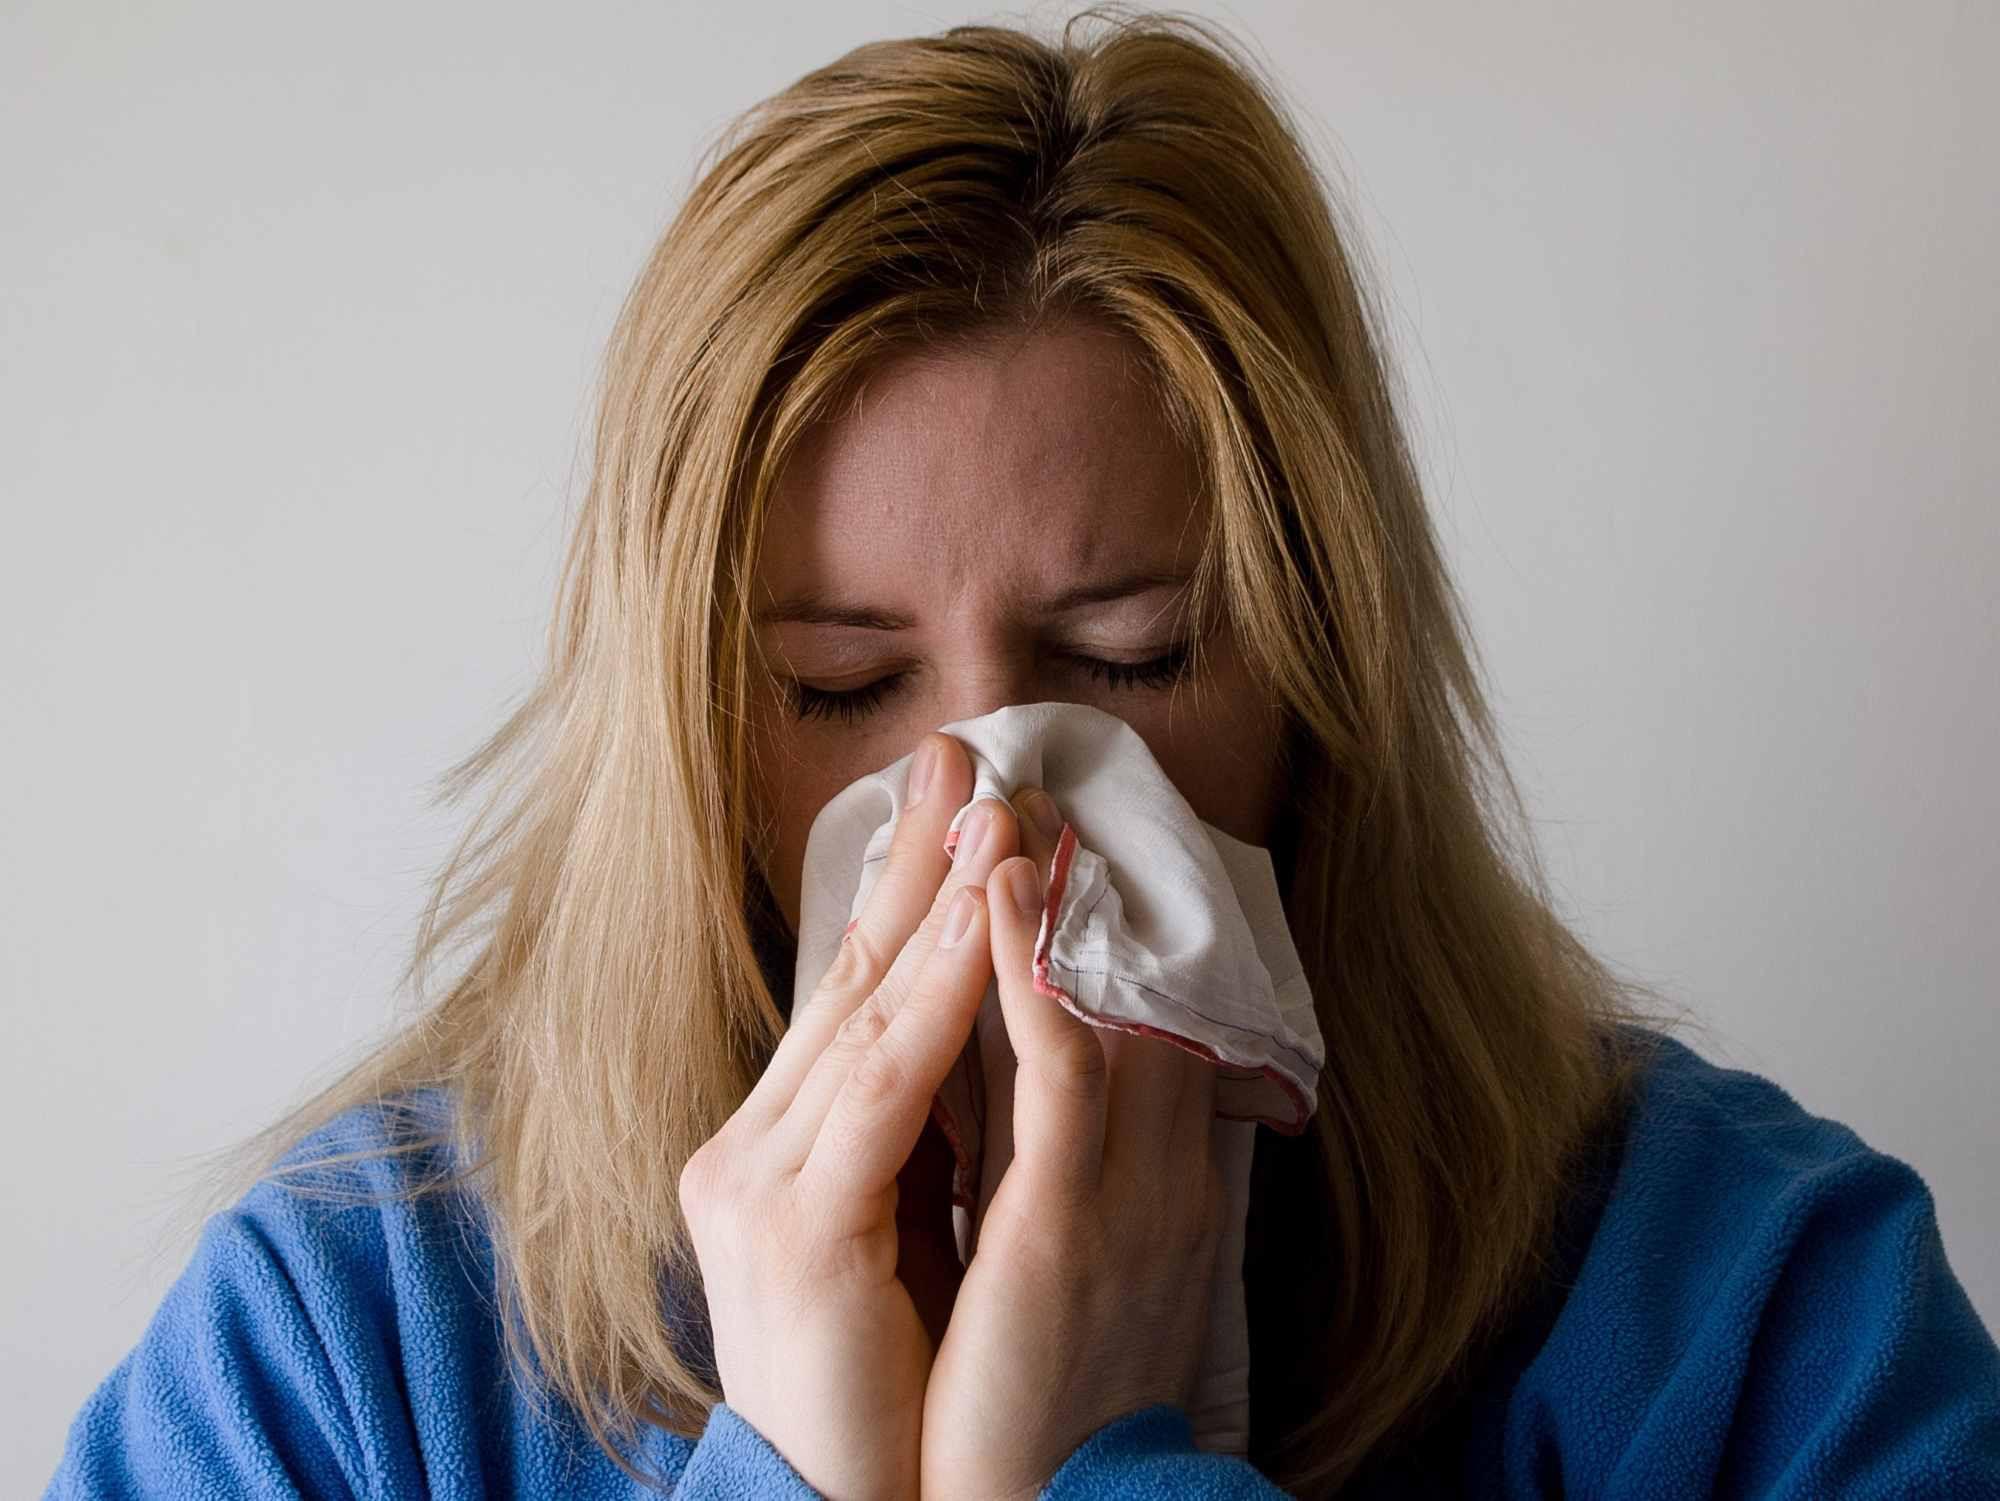 Cô gái người Mỹ qua đời vì căn bệnh cúm mùa từng bùng phát dữ dội trên thế giới, ai cũng cần học cách phòng tránh - Ảnh 2.